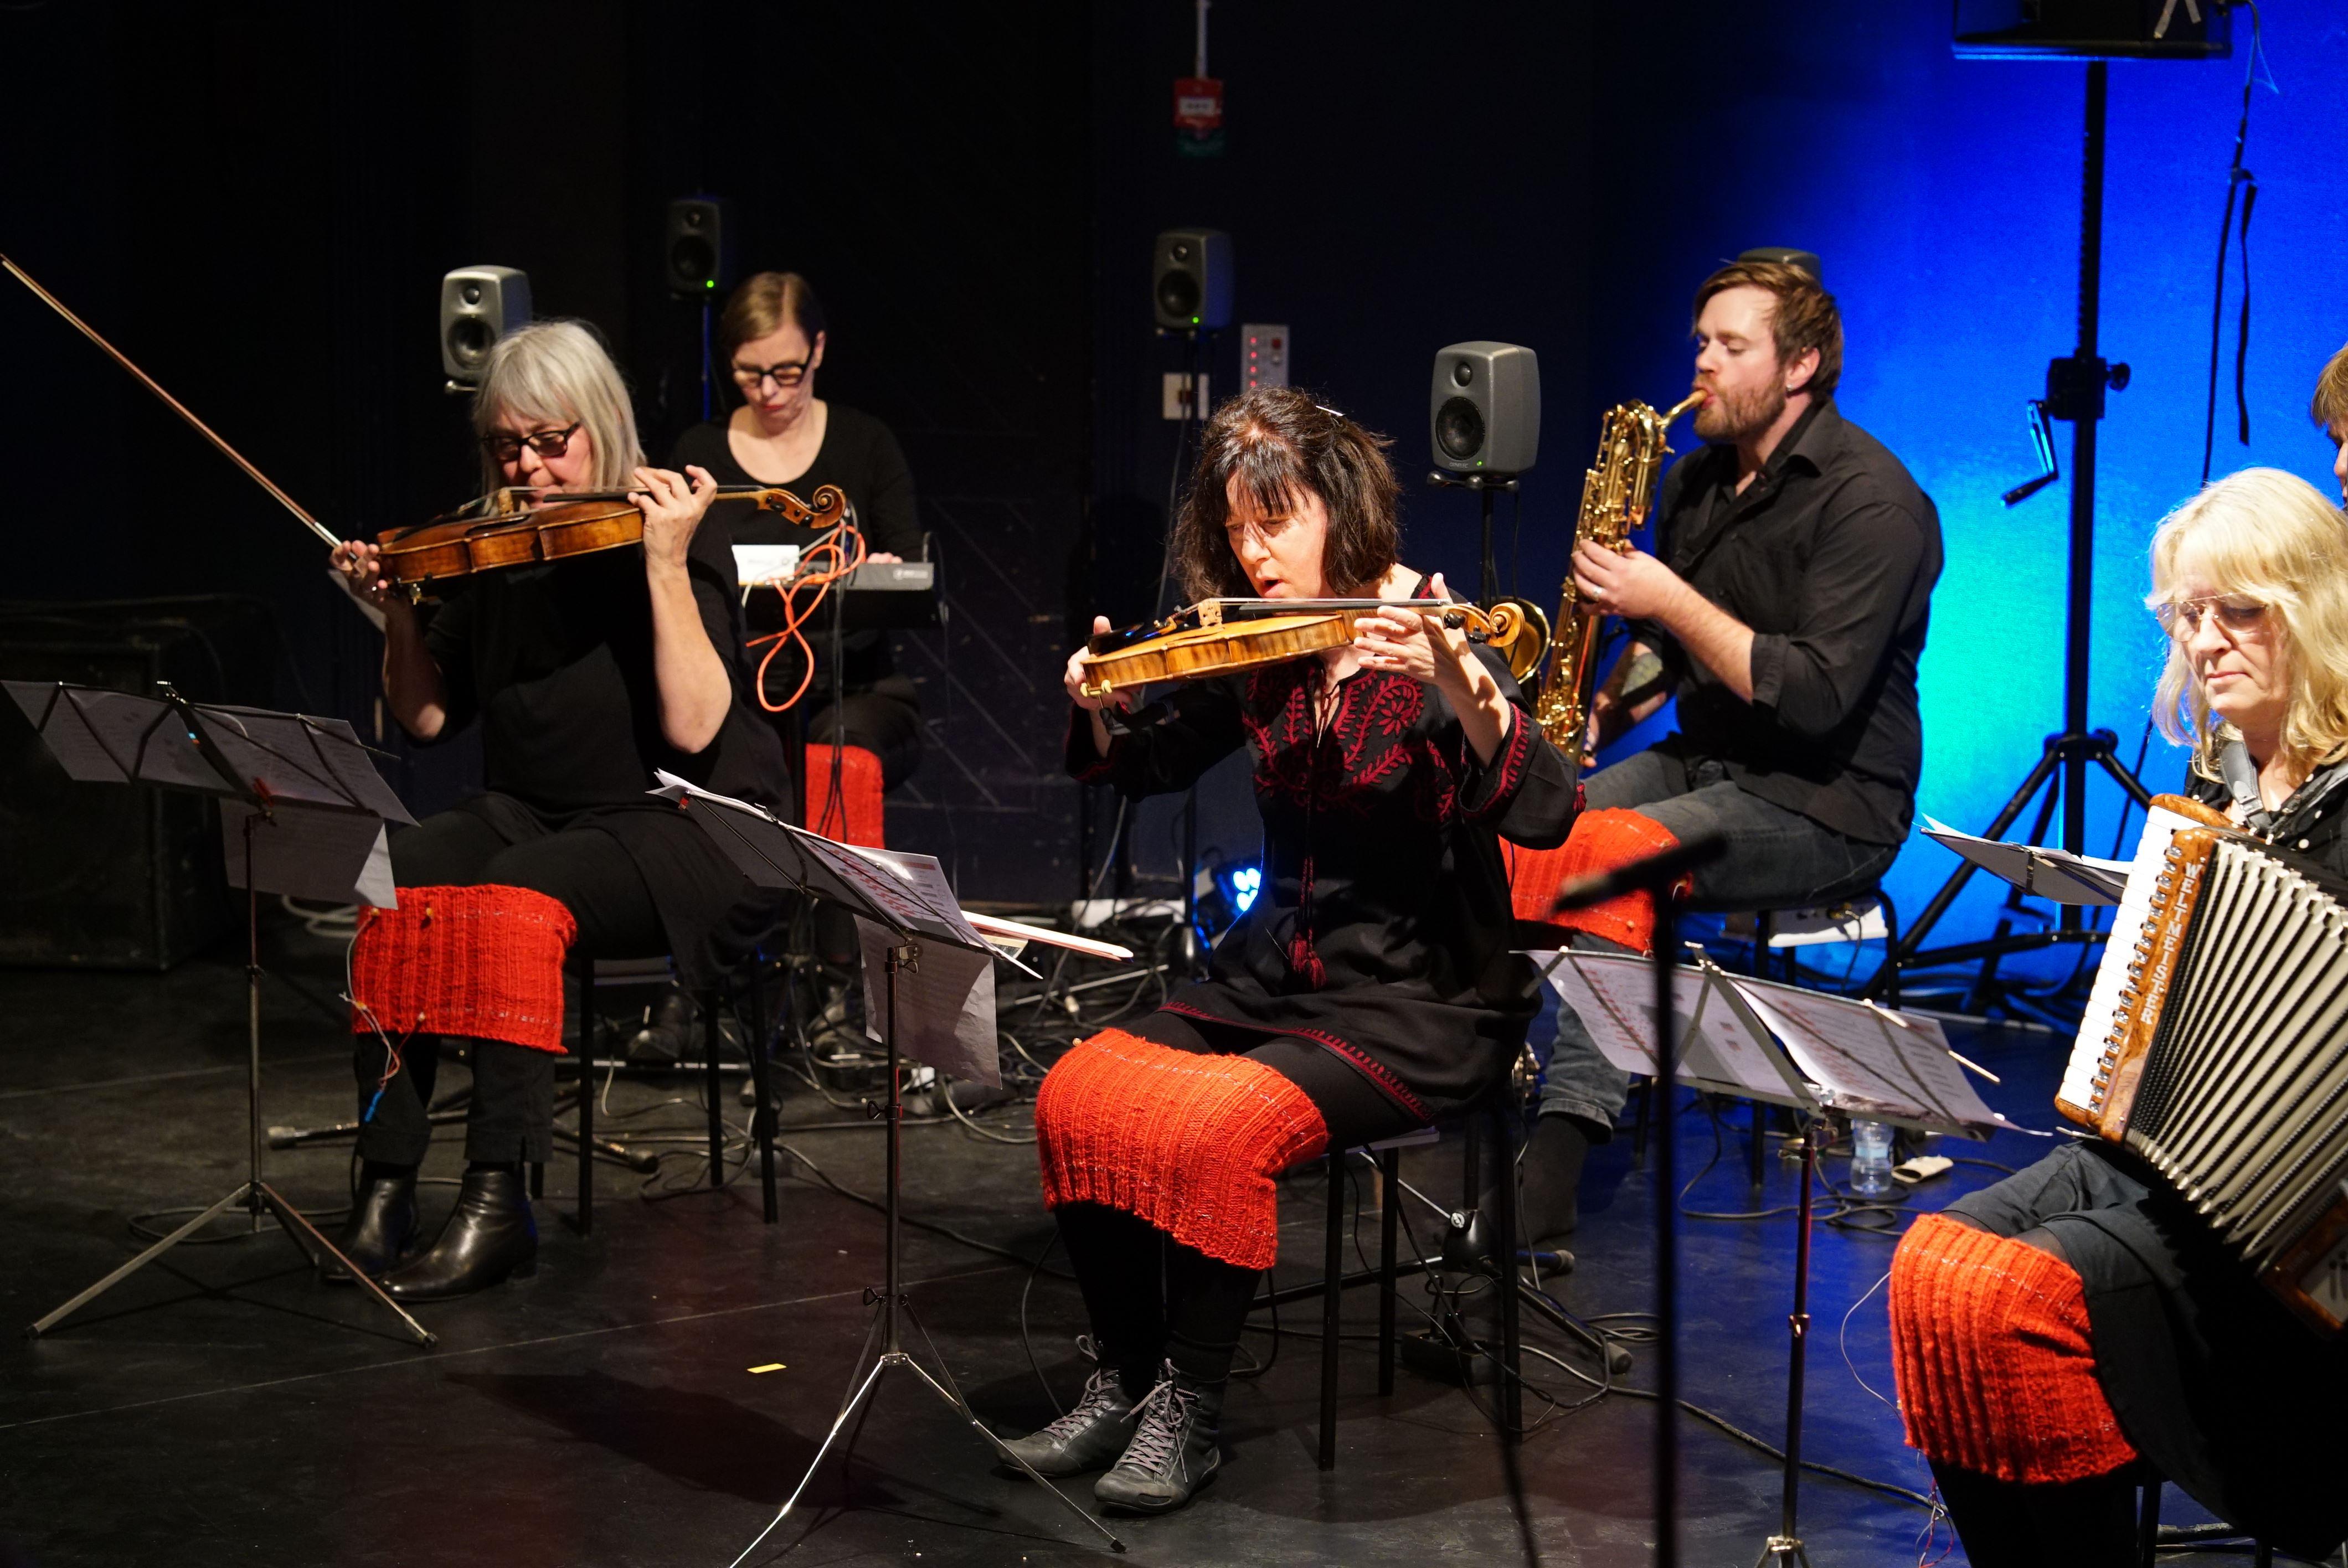 Barriärorkestern @ Vardagsrummet